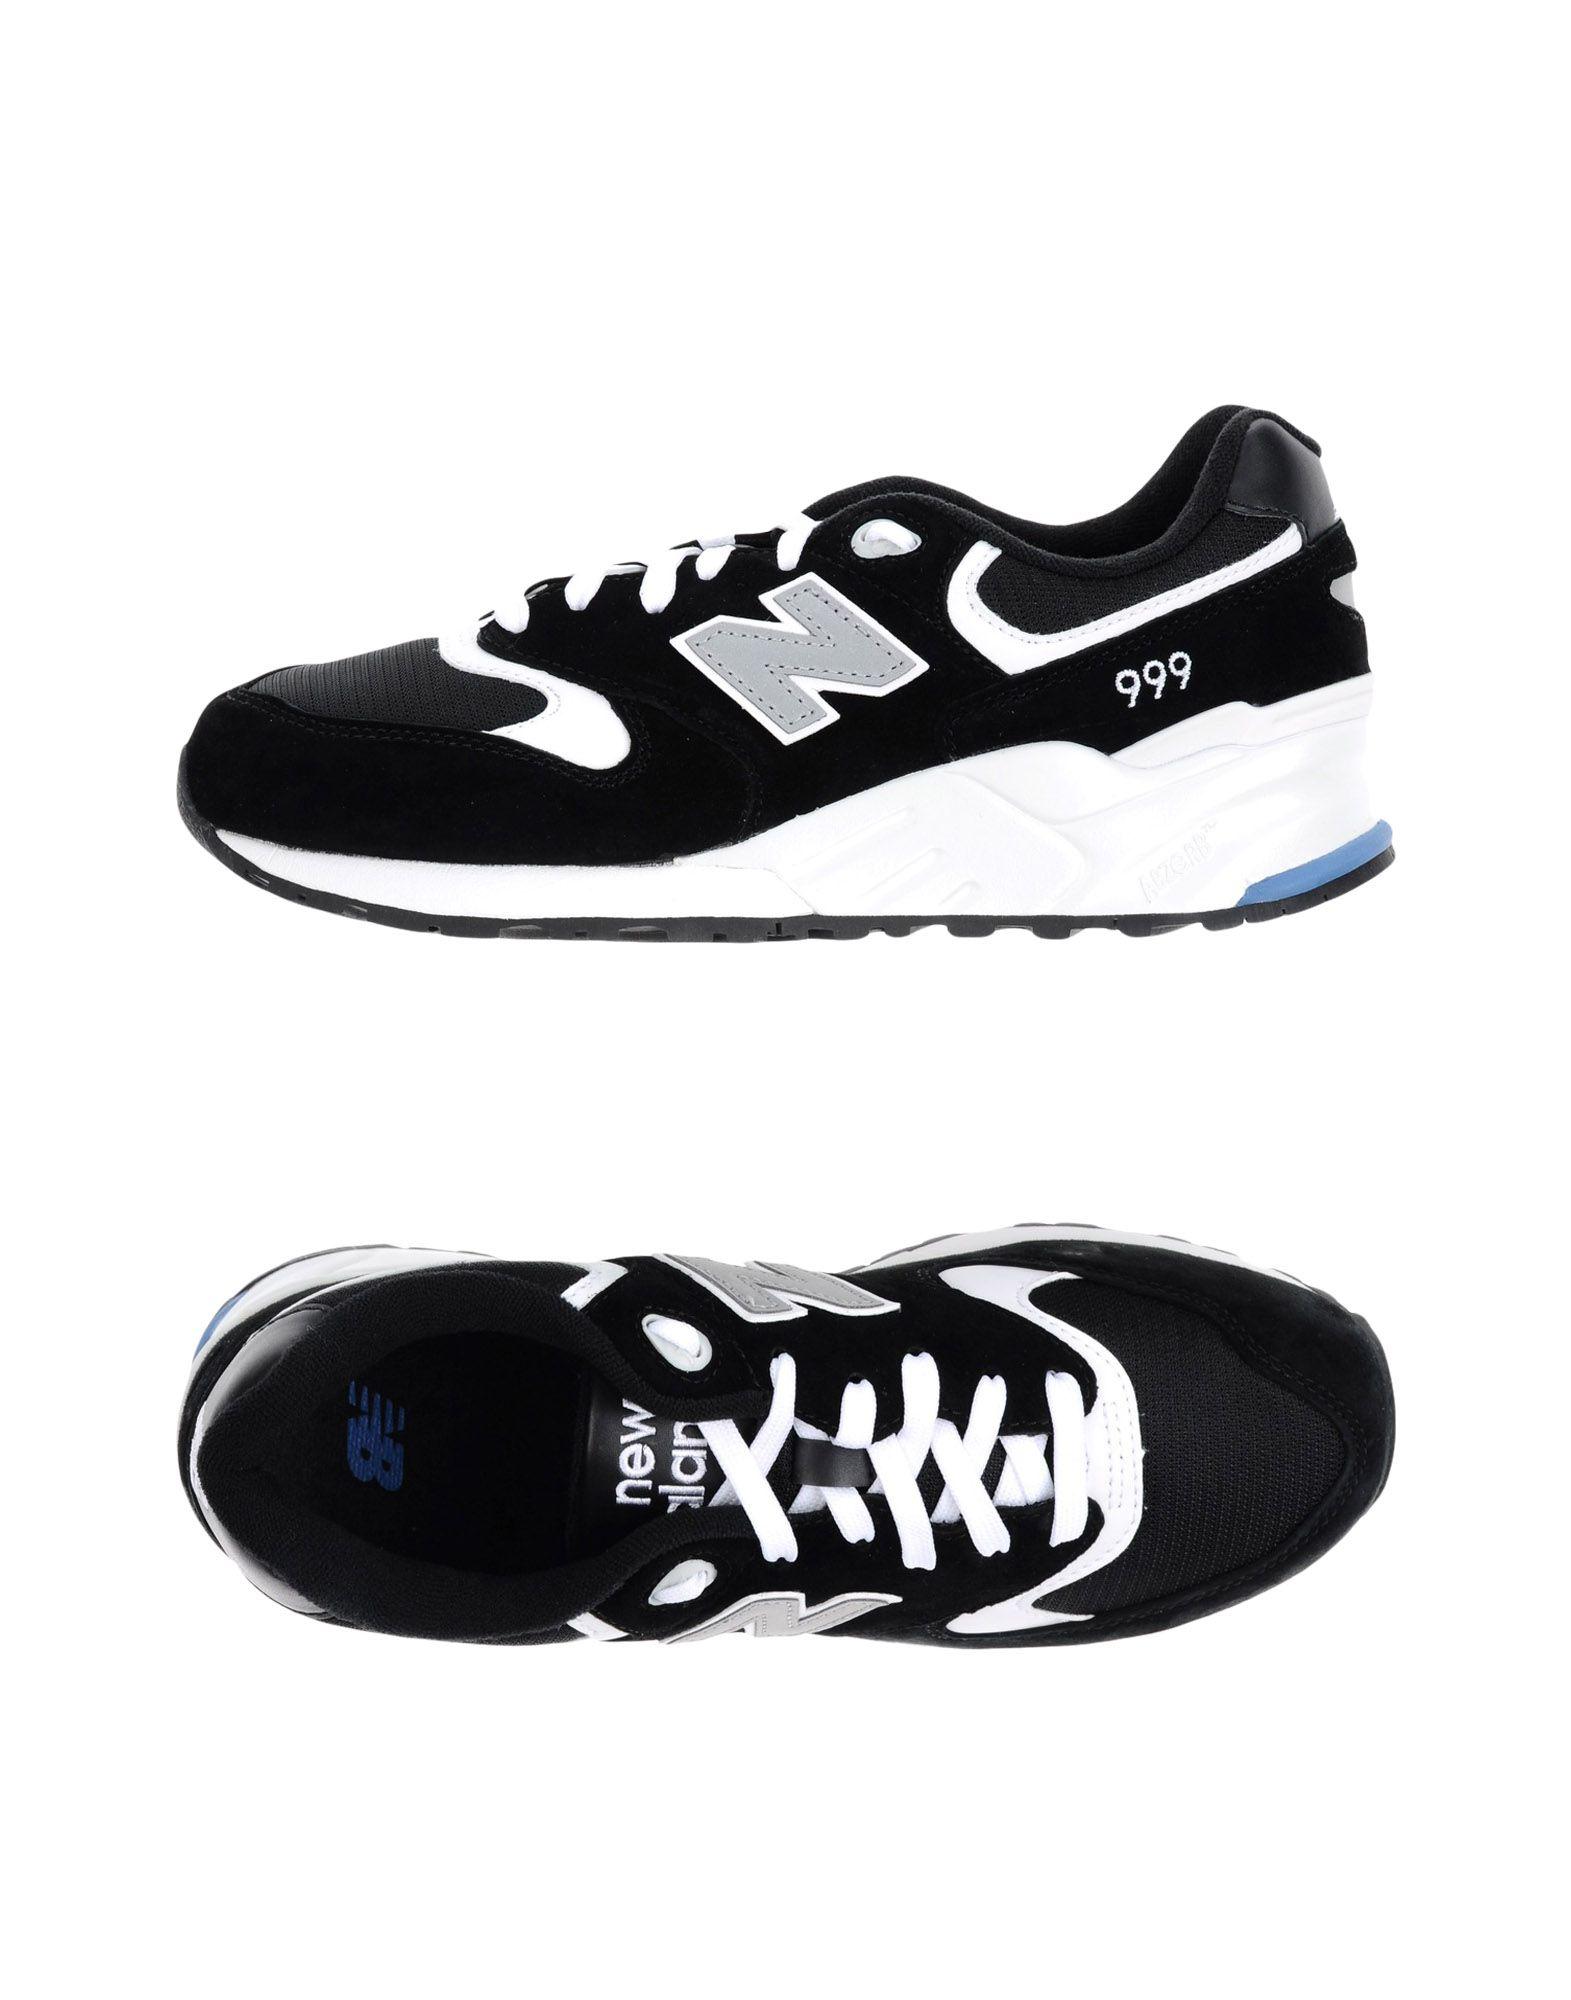 Rabatt Sneakers echte Schuhe New Balance Sneakers Rabatt Herren  11287344LQ 95ed78